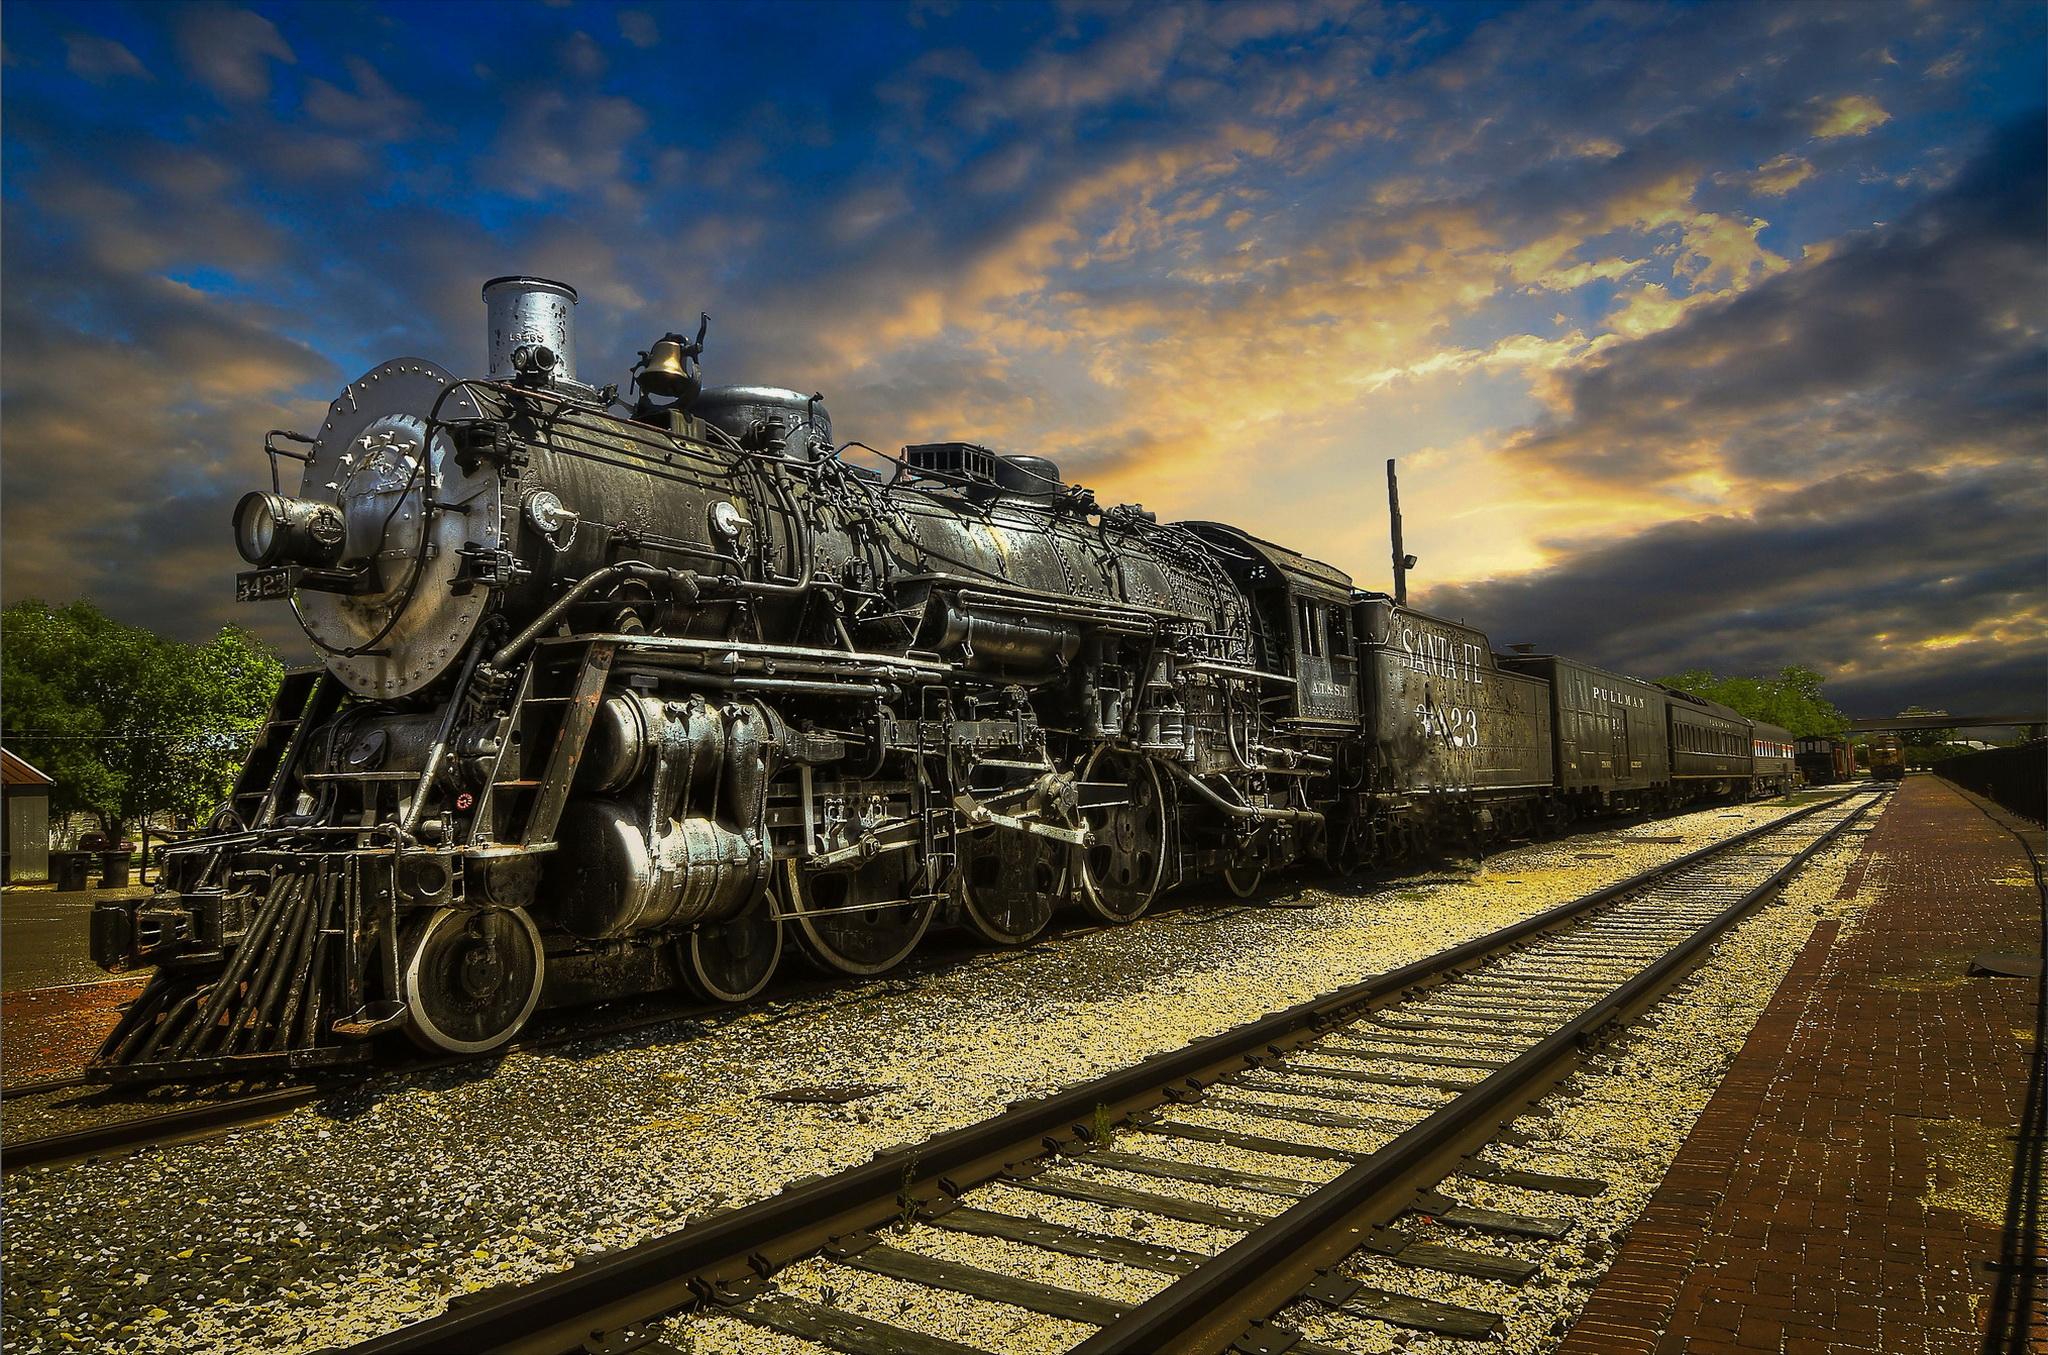 Alegorija vlaka ili o redovništvu